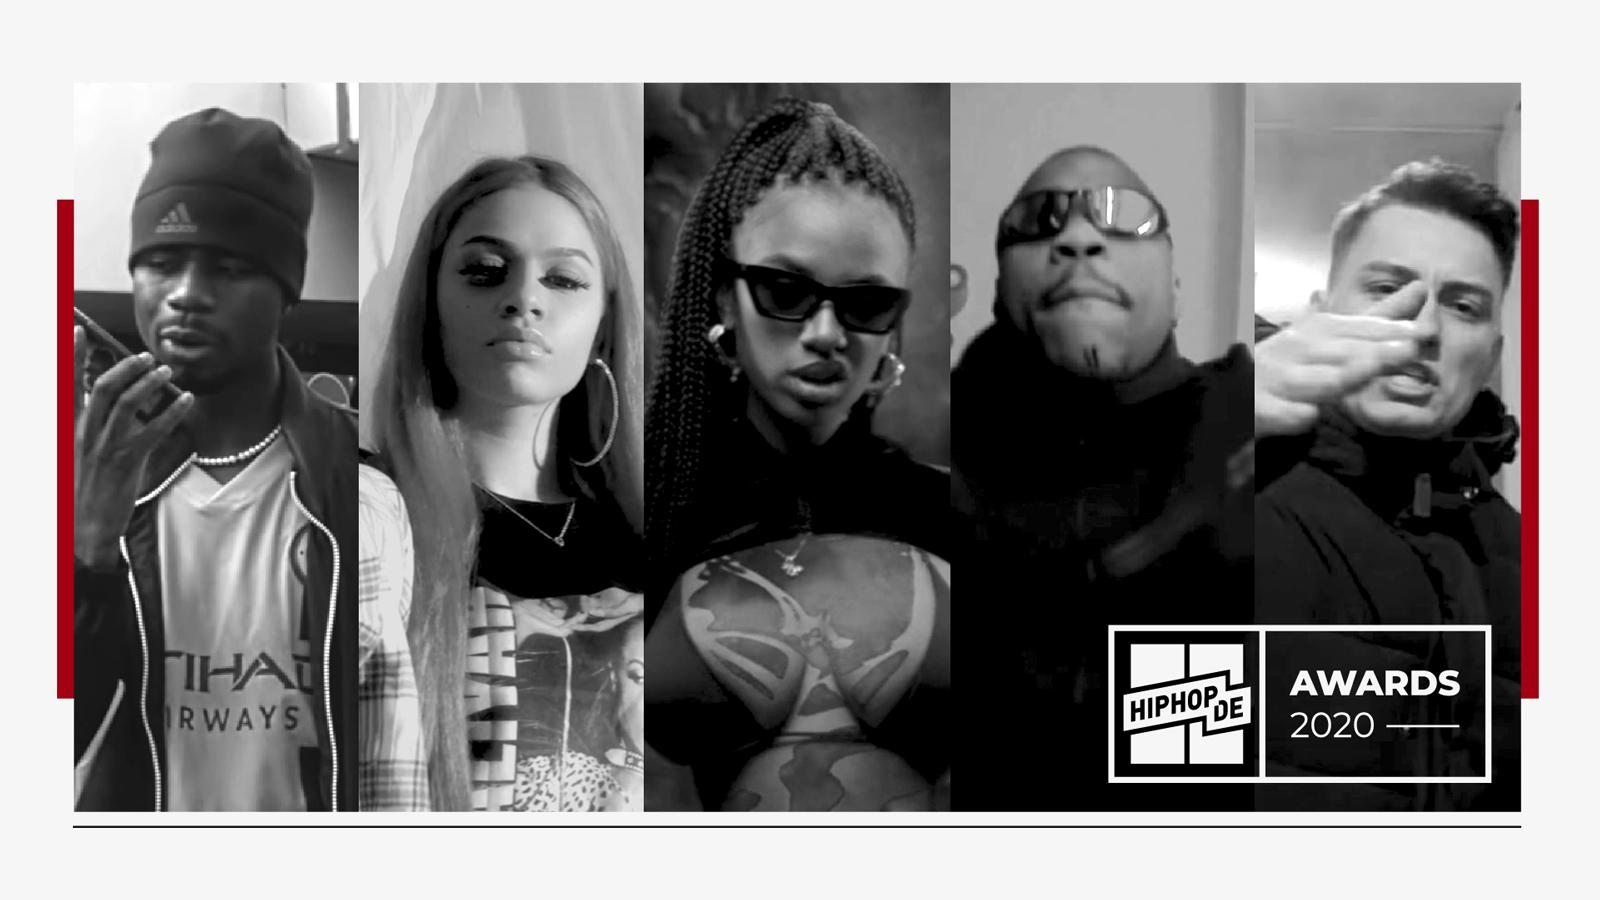 Wer sind die Newcomer des Jahres 2020?  – Hiphop.de Awards 2020